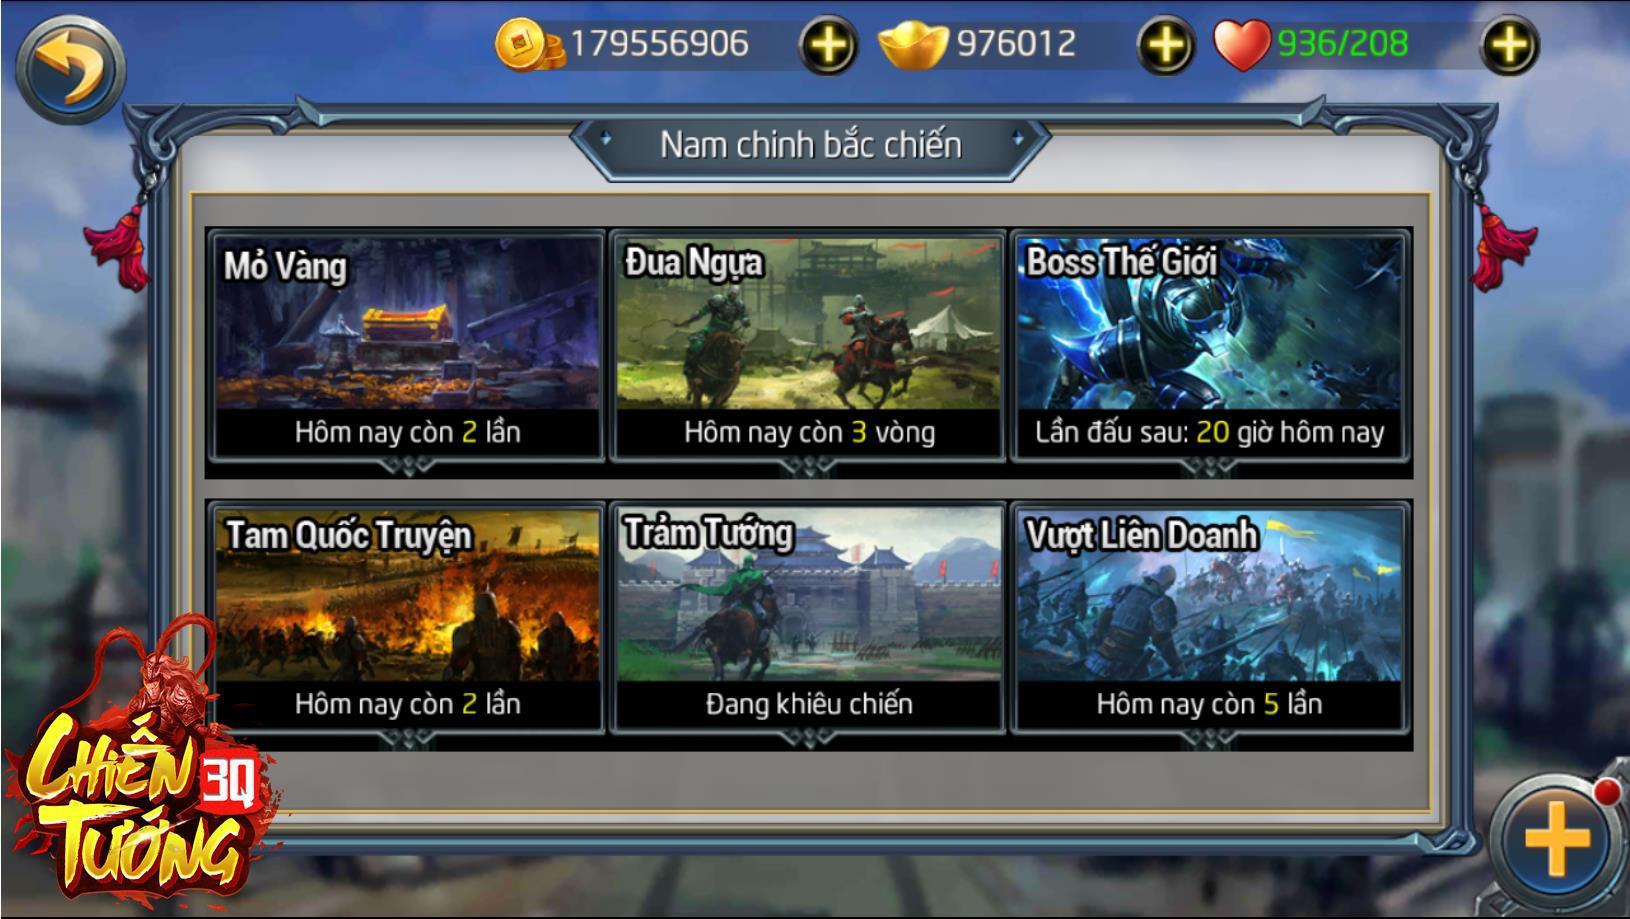 SohaGame định ngày ra mắt Chiến Tướng 3Q - Game đấu thẻ tướng đậm chất hành động 3